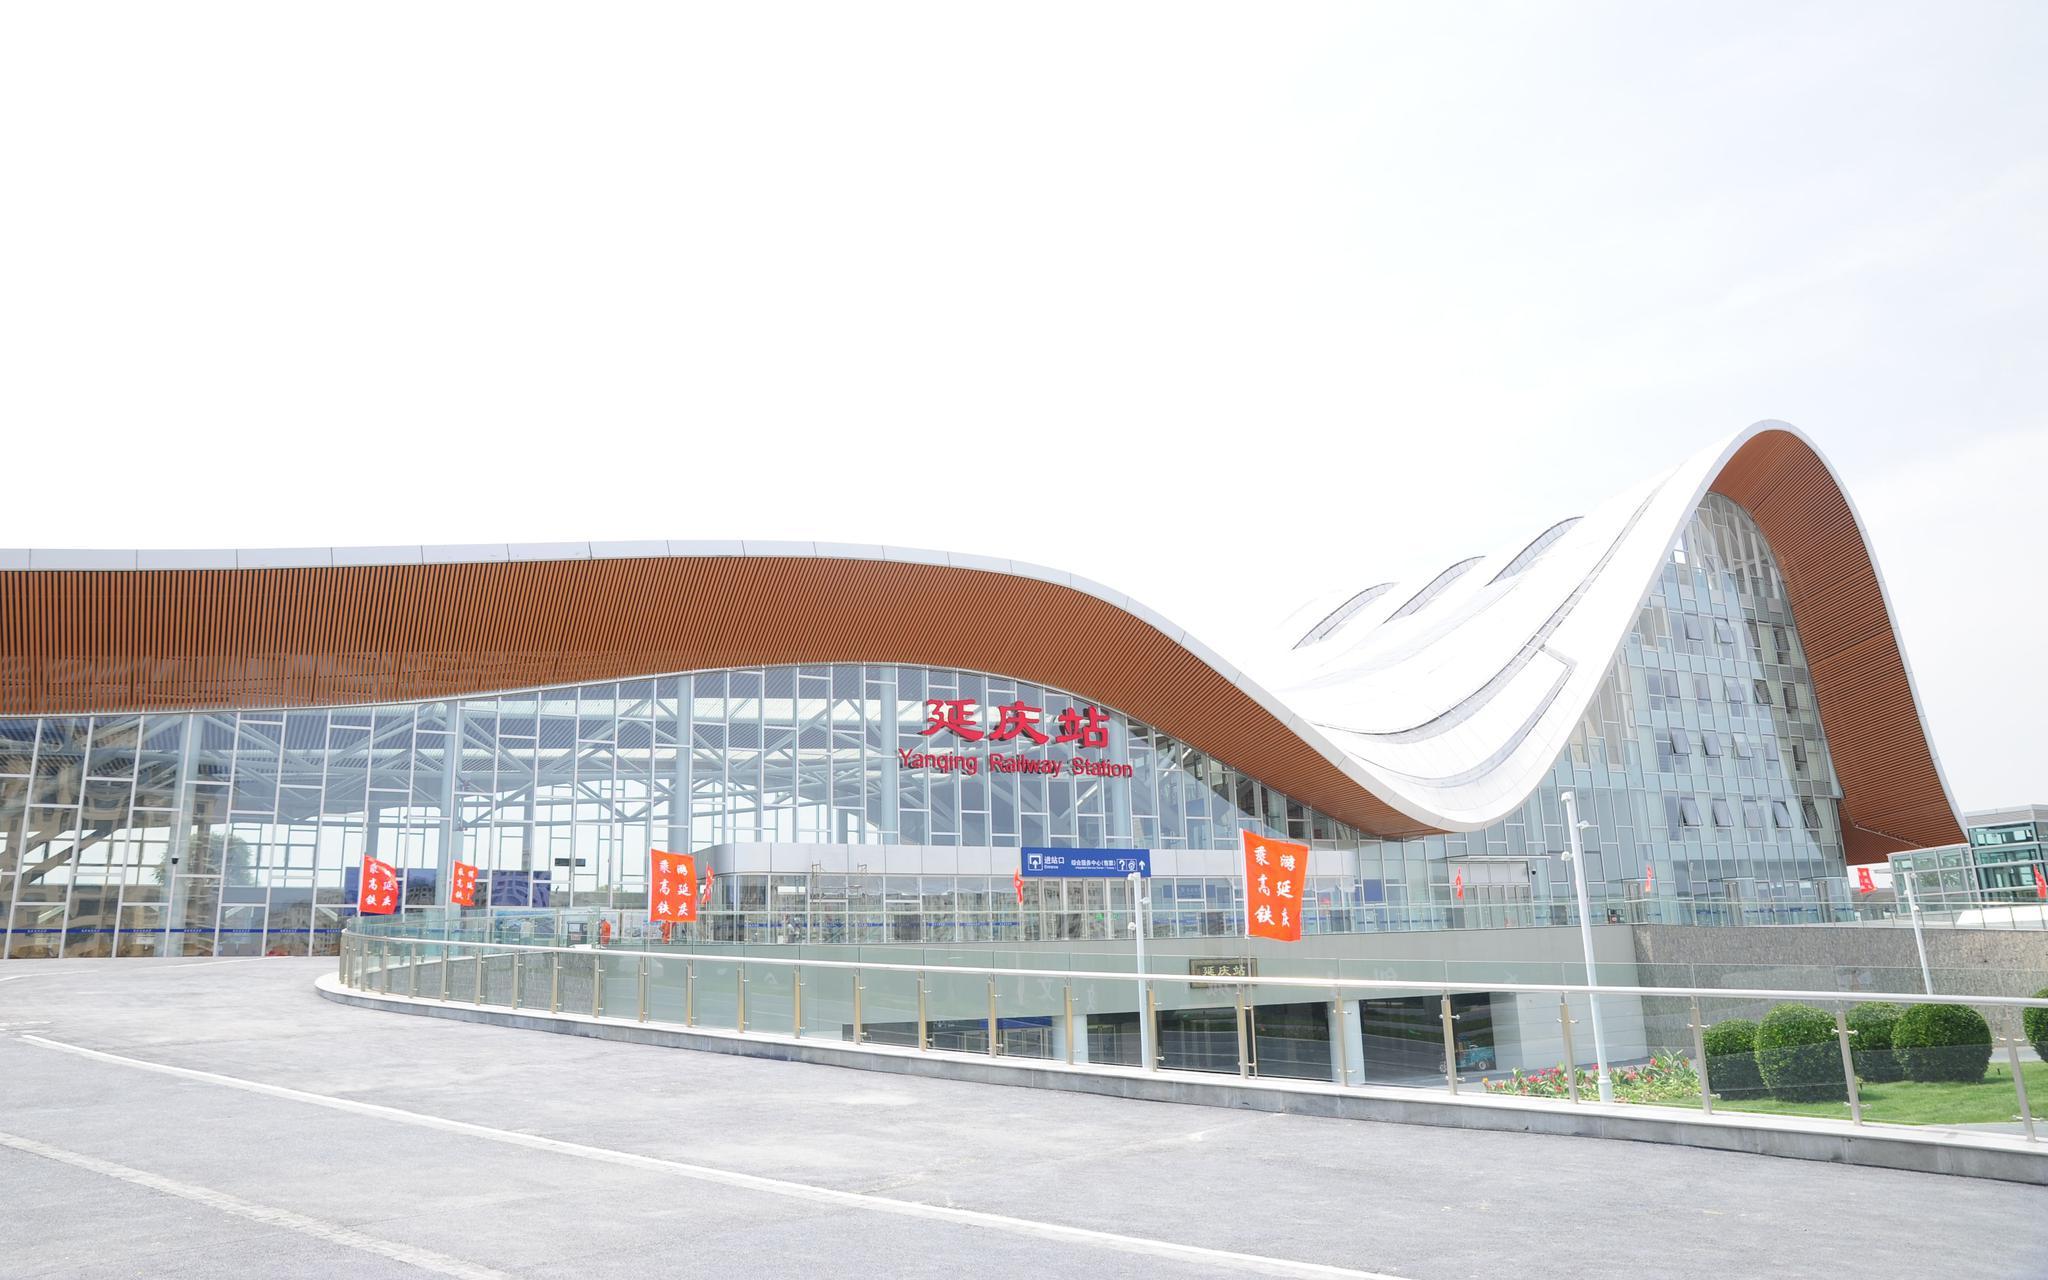 杏悦:合交通服务中心杏悦具备开通运营图片